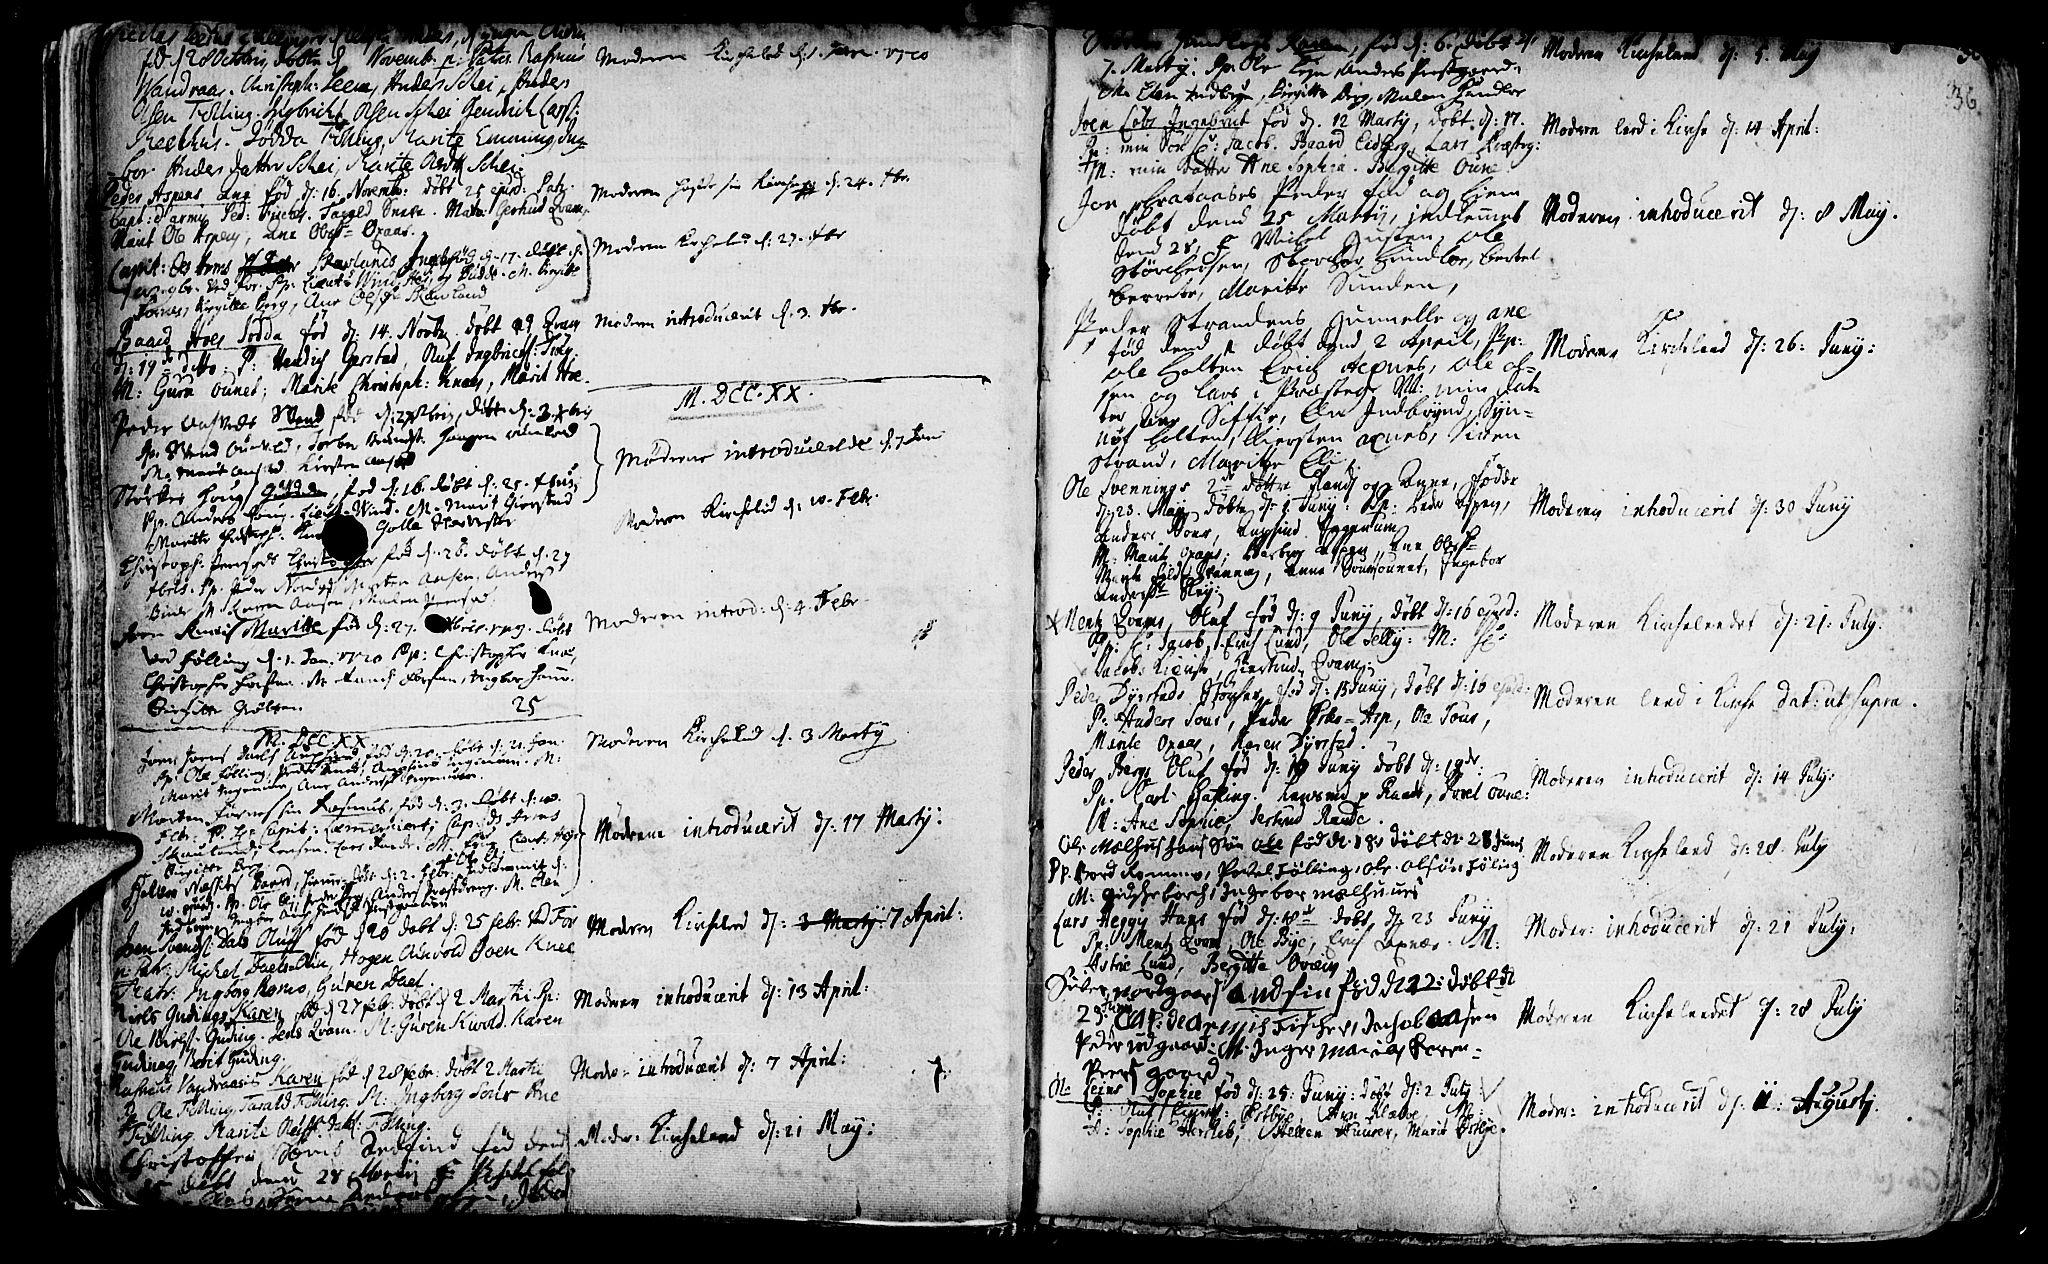 SAT, Ministerialprotokoller, klokkerbøker og fødselsregistre - Nord-Trøndelag, 746/L0439: Ministerialbok nr. 746A01, 1688-1759, s. 36